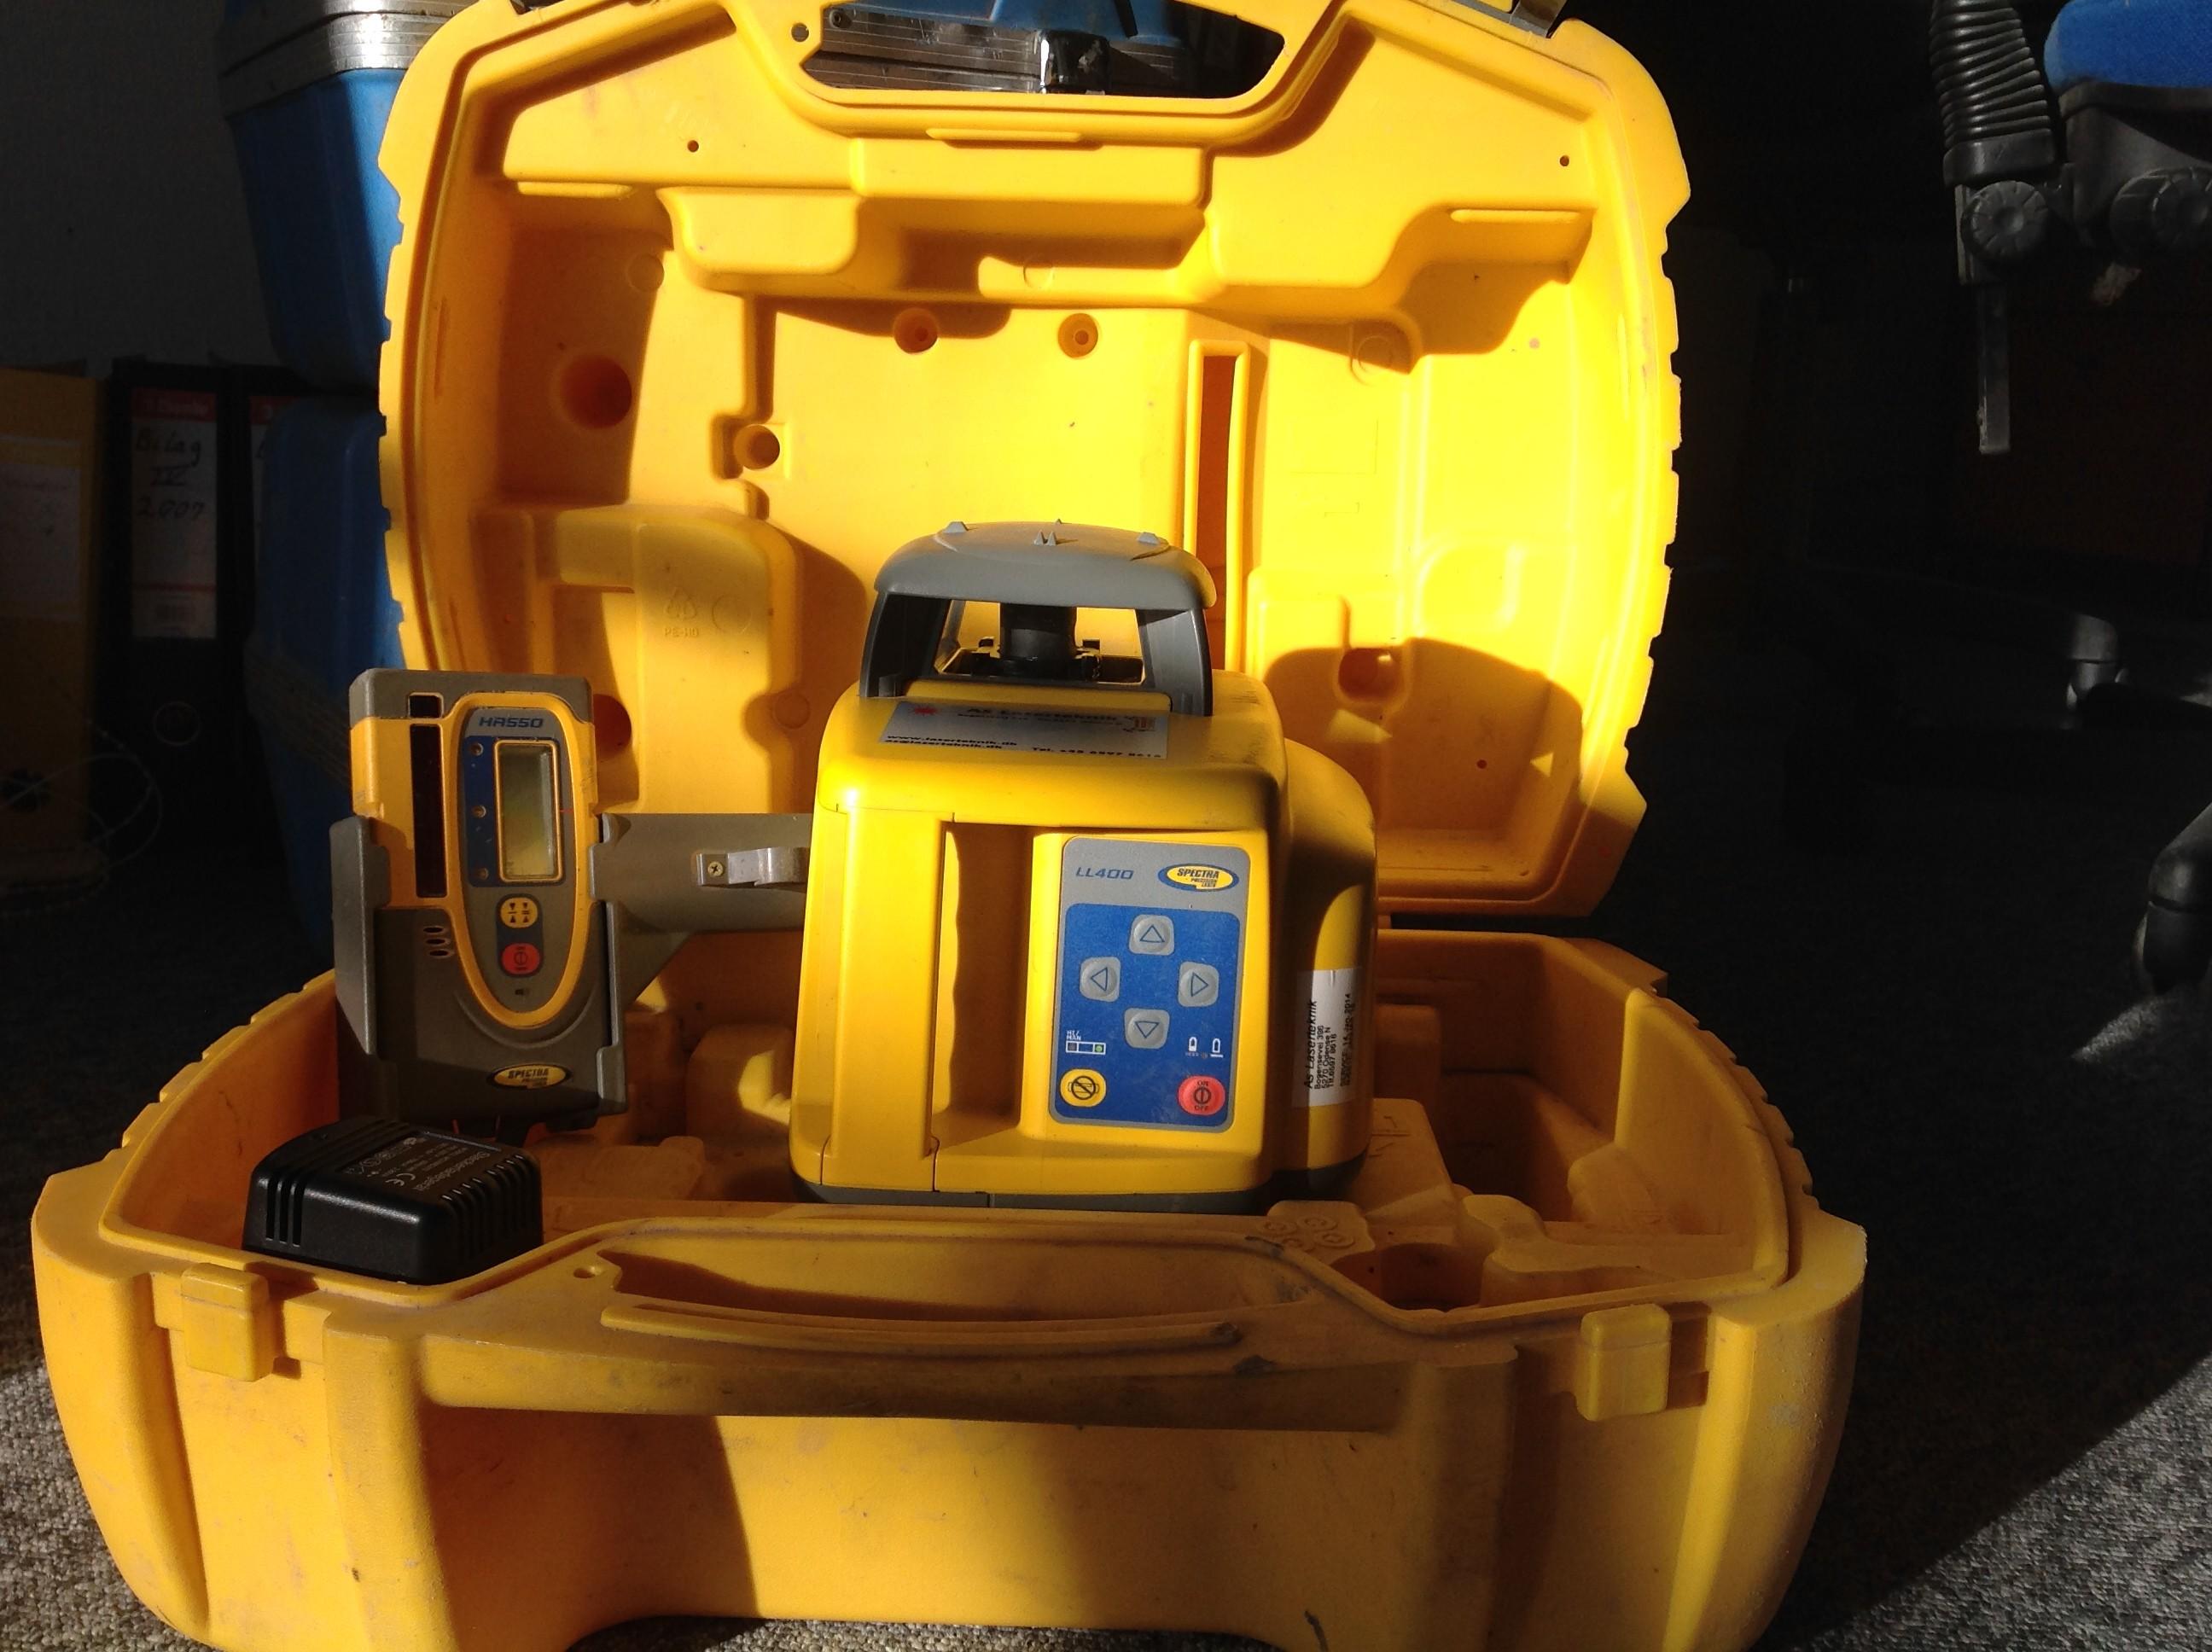 https://www.laserteknik.dk/wp-content/uploads/2014/02/foto-e1391433101626.jpg